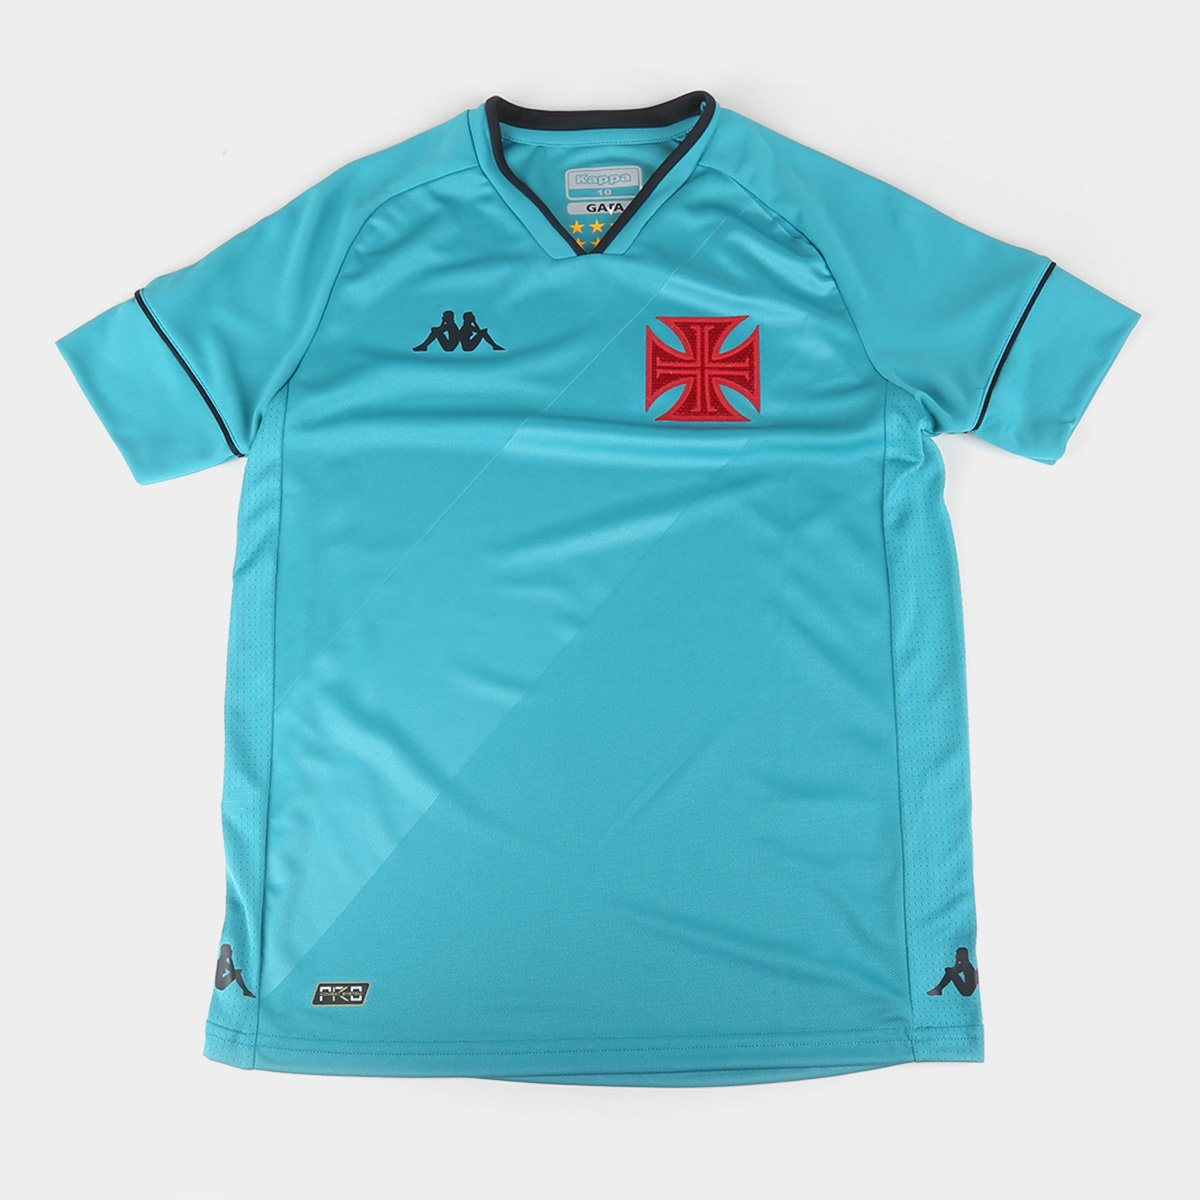 Camisa de Goleiro Vasco Juvenil I 20/21 s/n° Torcedor Kappa